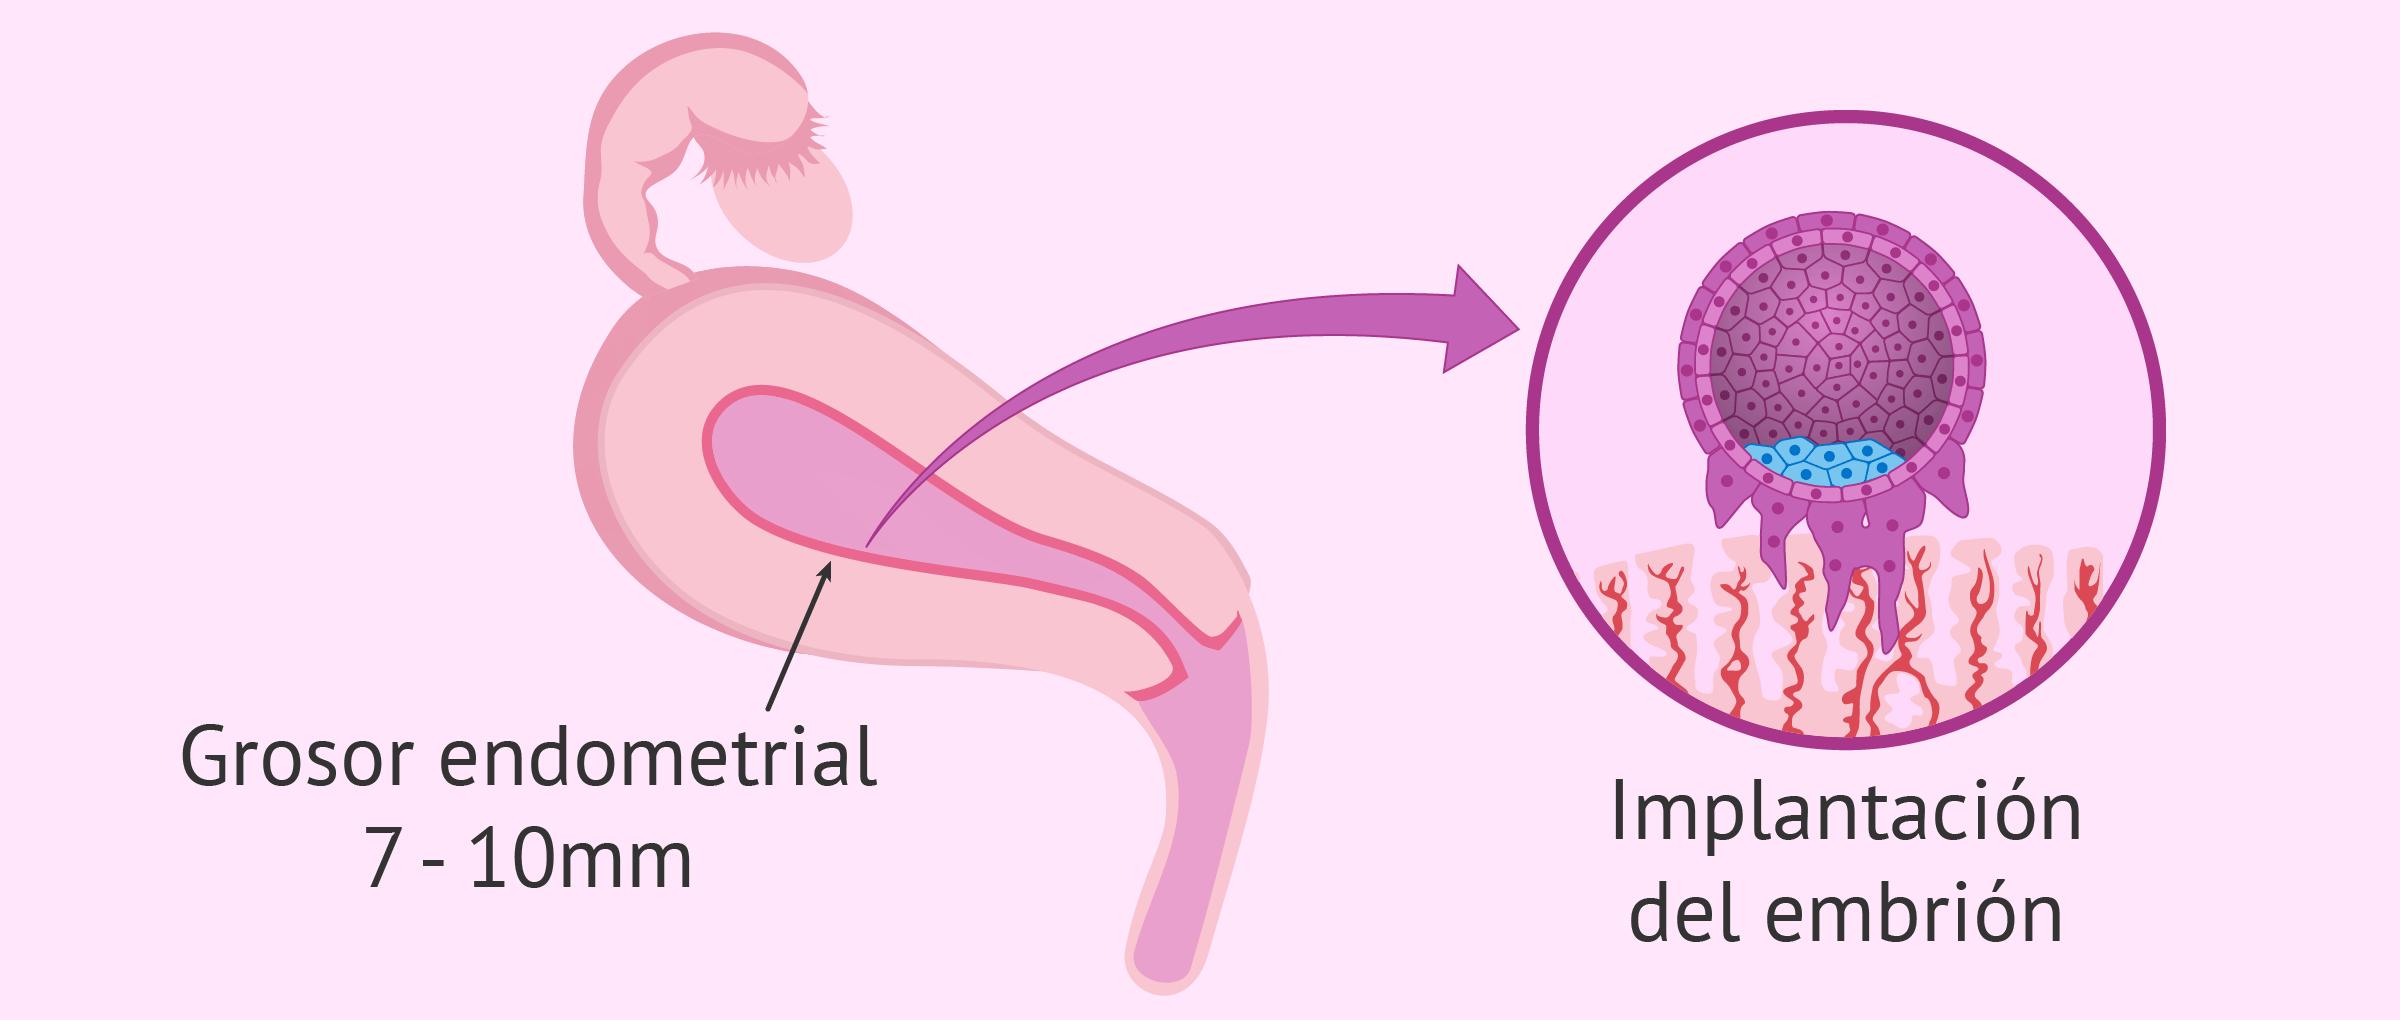 Cuanto tiempo tarda implantarse ovulo fecundado